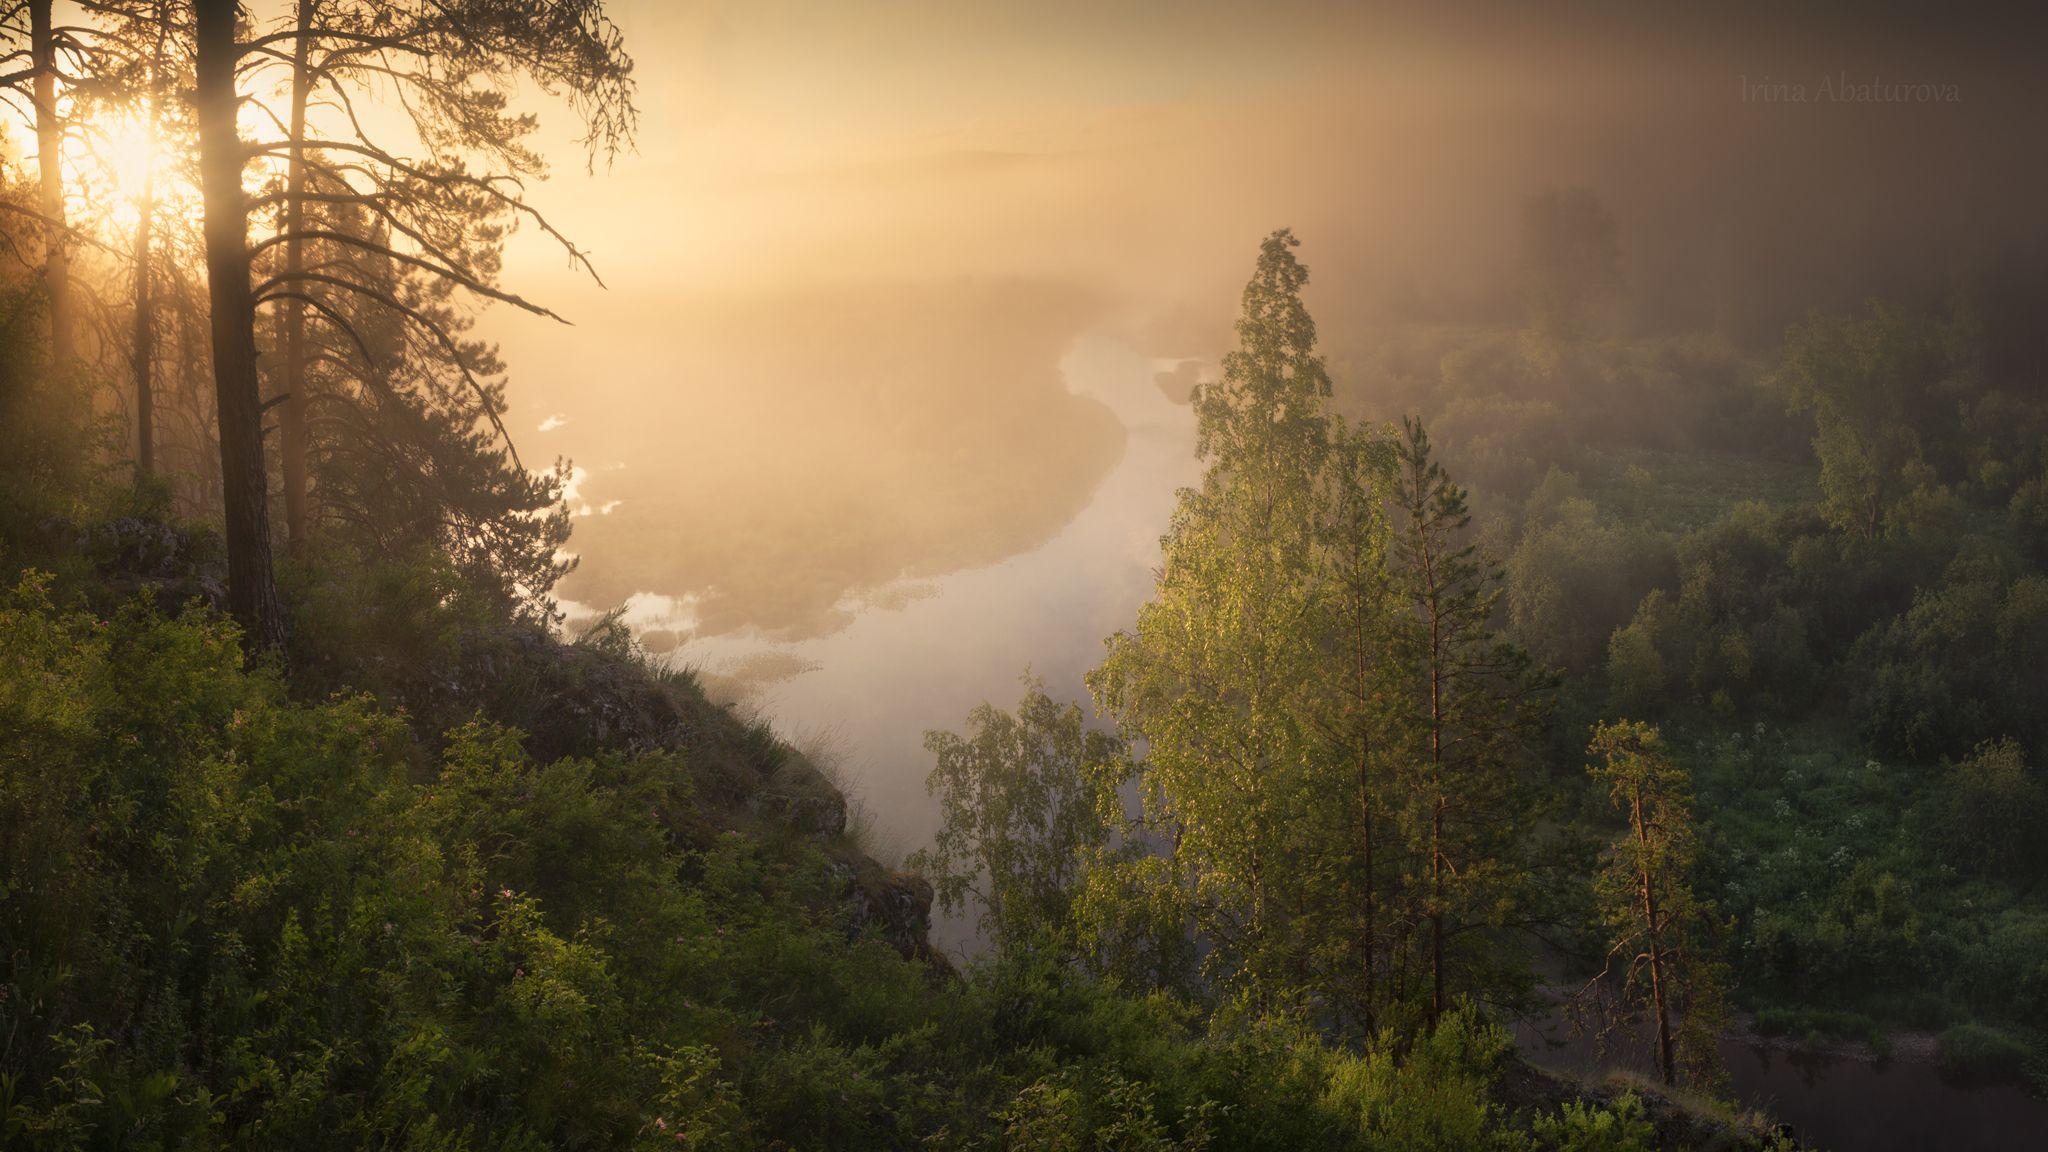 урал, оленьи ручьи, природный парк, рассвет, лето, туман, река, Абатурова Ирина